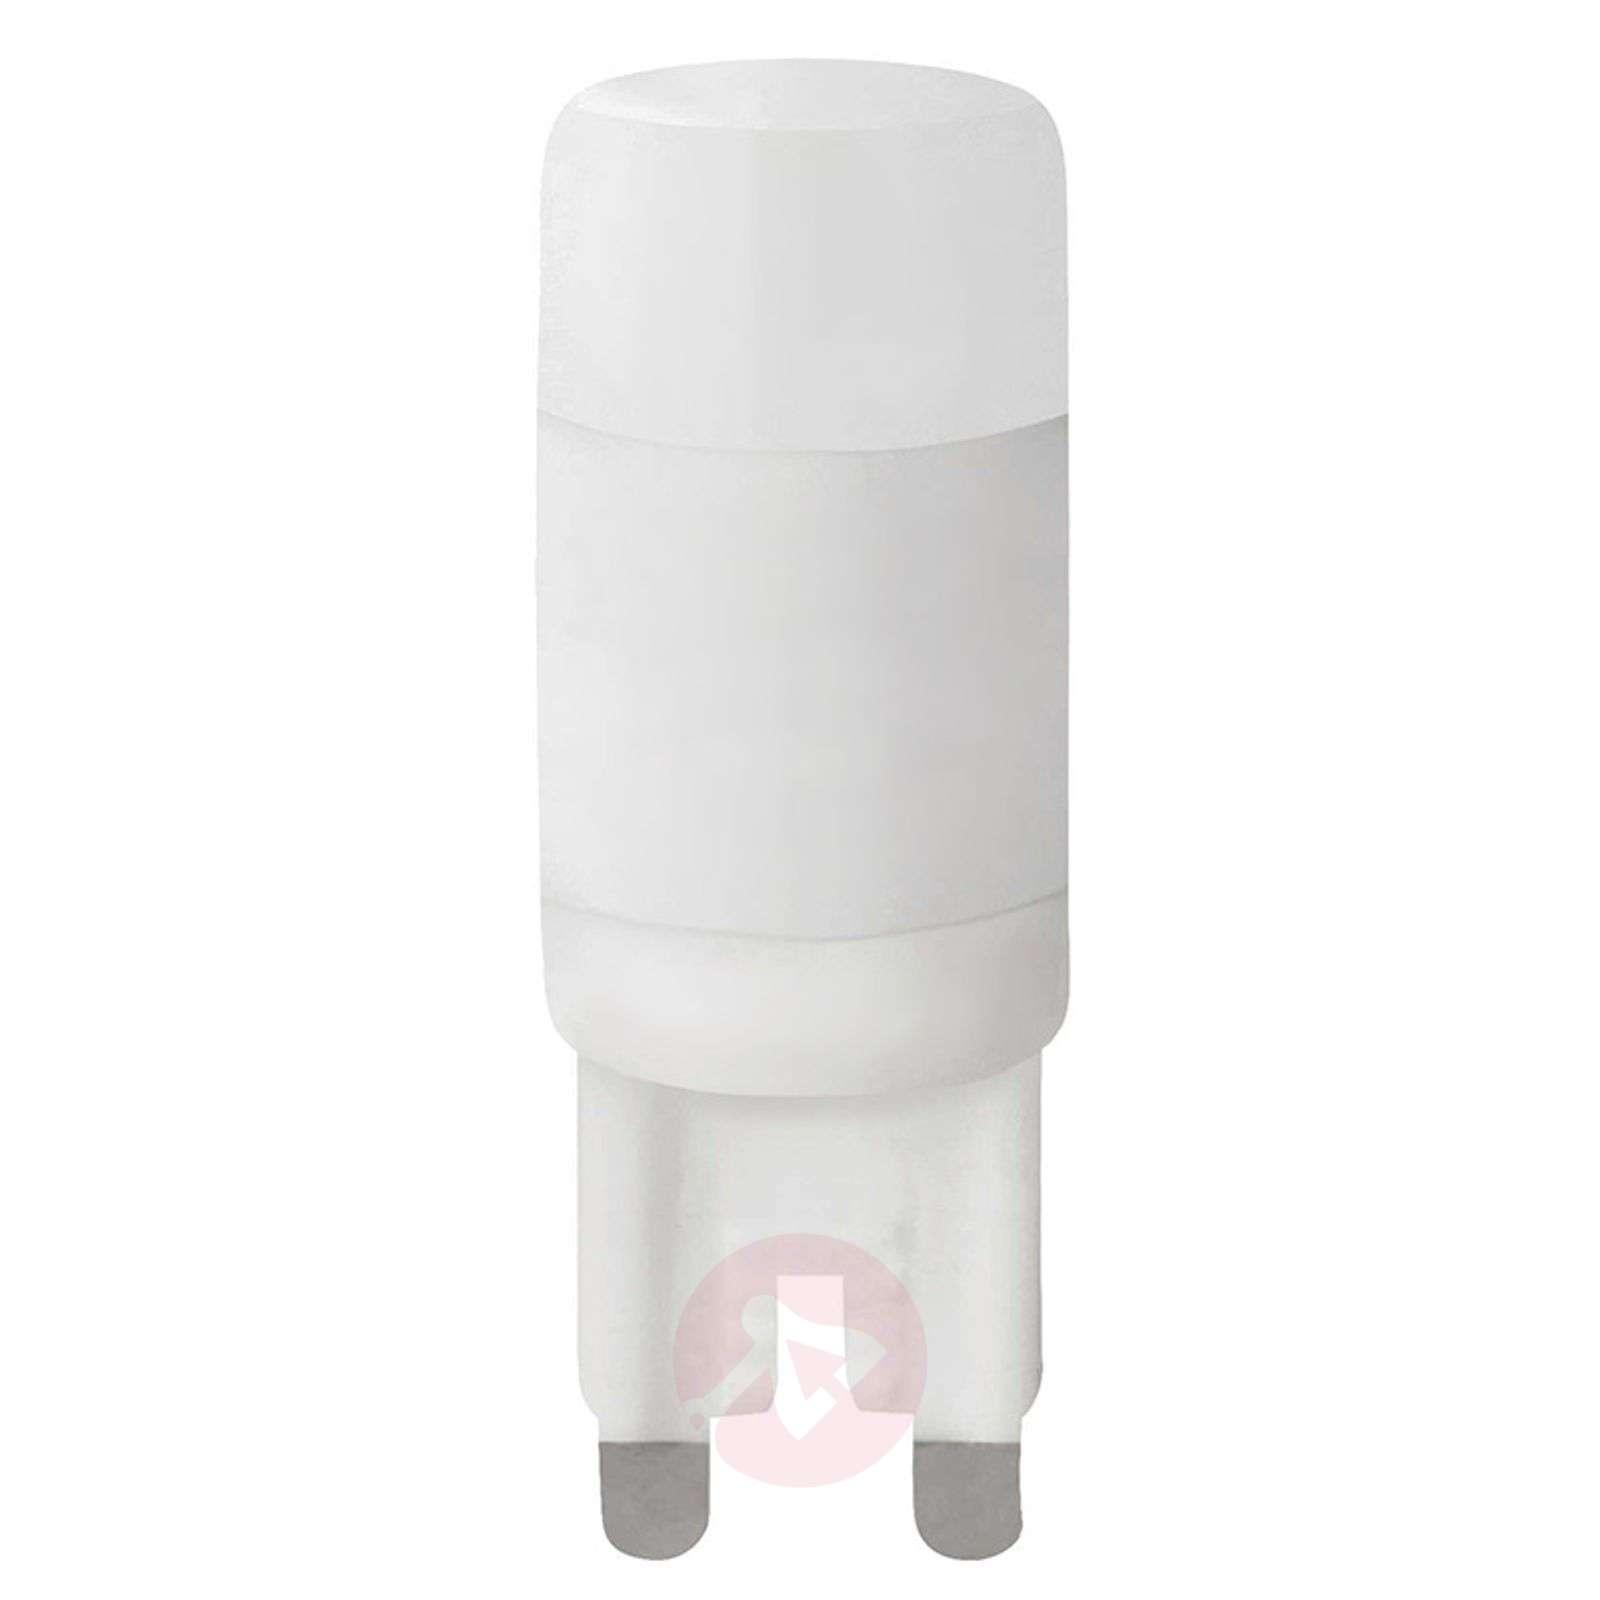 G9 3W 828 MEGAMAN LED bi-pin bulb,-6530183-01